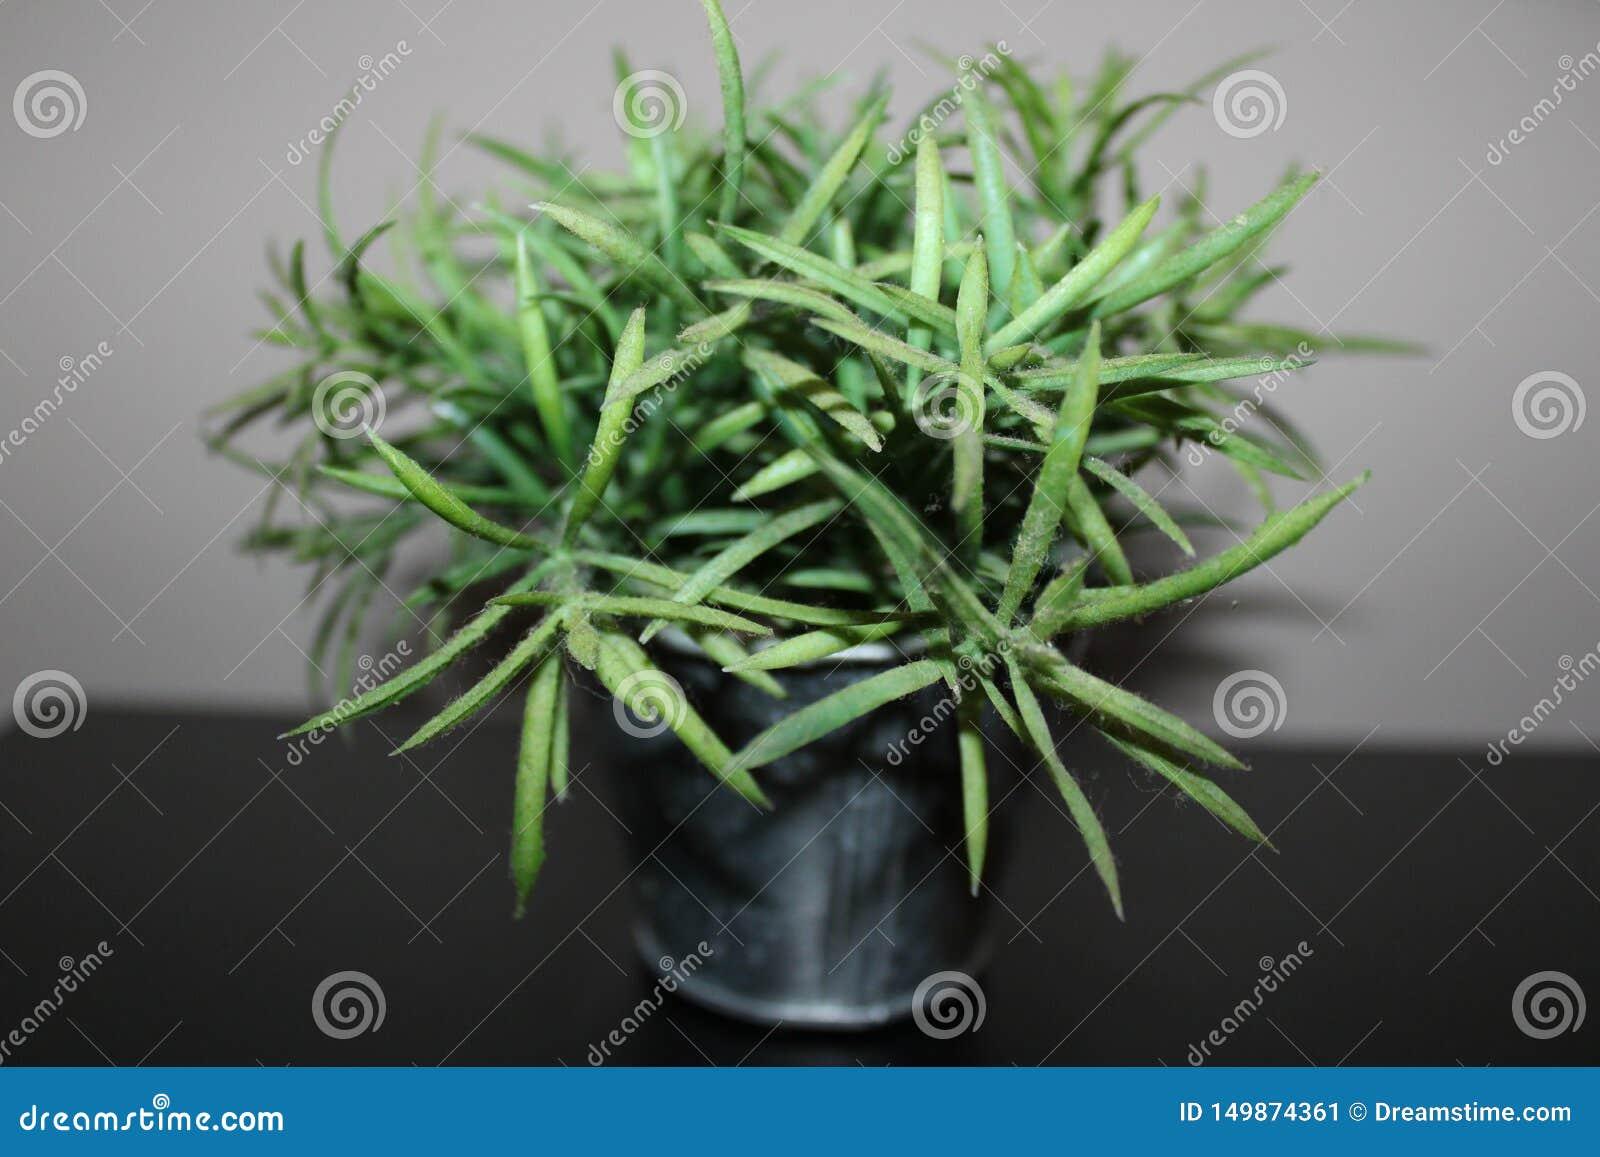 Zielony klingeryt kwitnie w mi bethroom